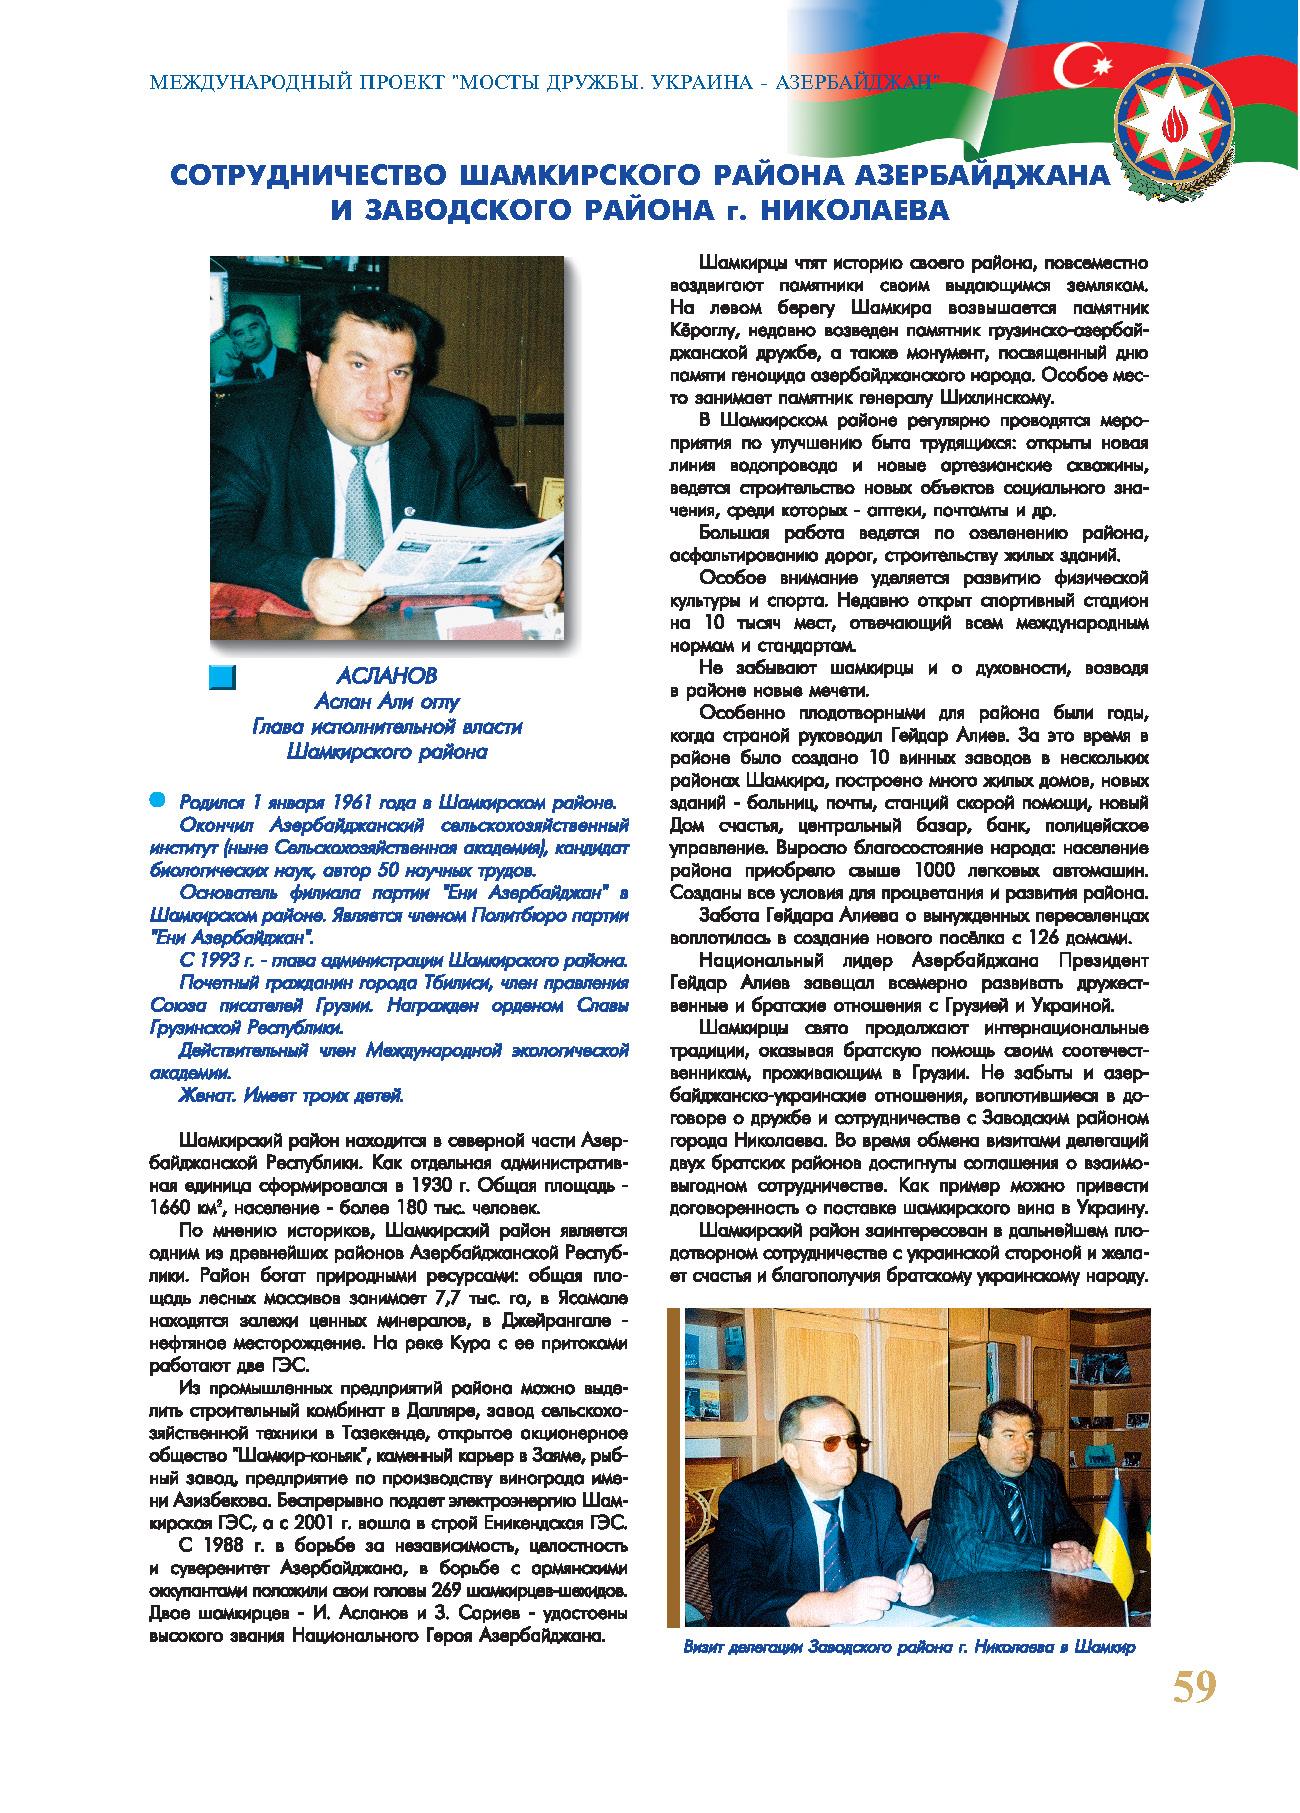 Сотрудничество Шамкирского района Азербайджана и Заводского района г. Николаева